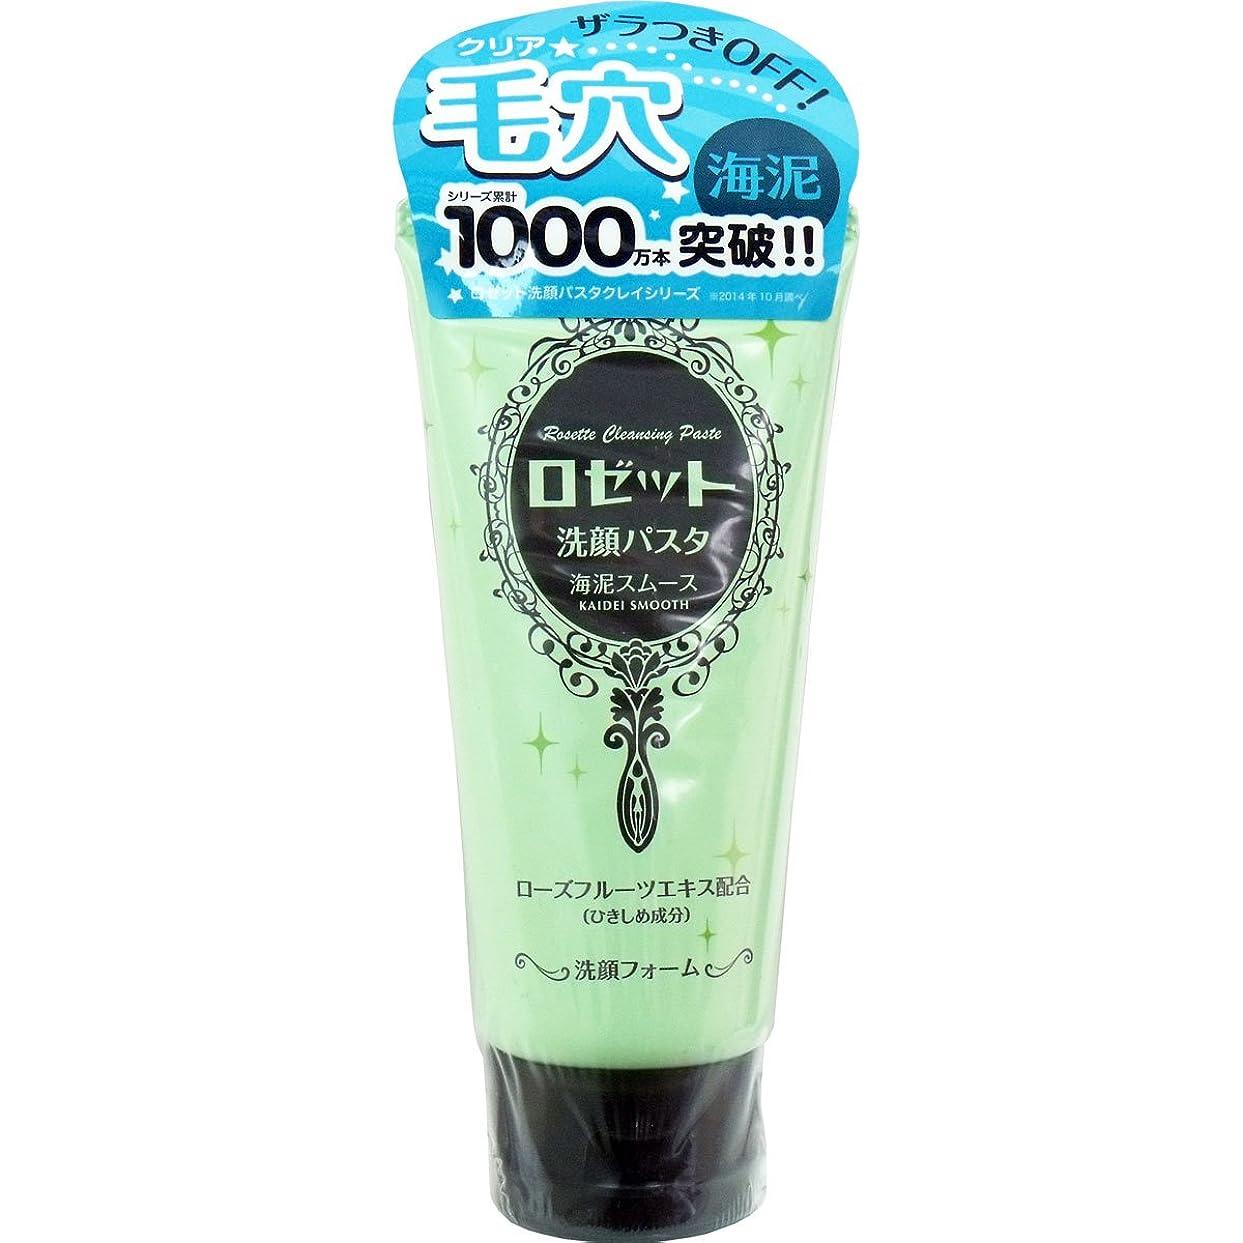 作成する探す表向きロゼット 洗顔パスタ 海泥スムース 120g x 5本セット